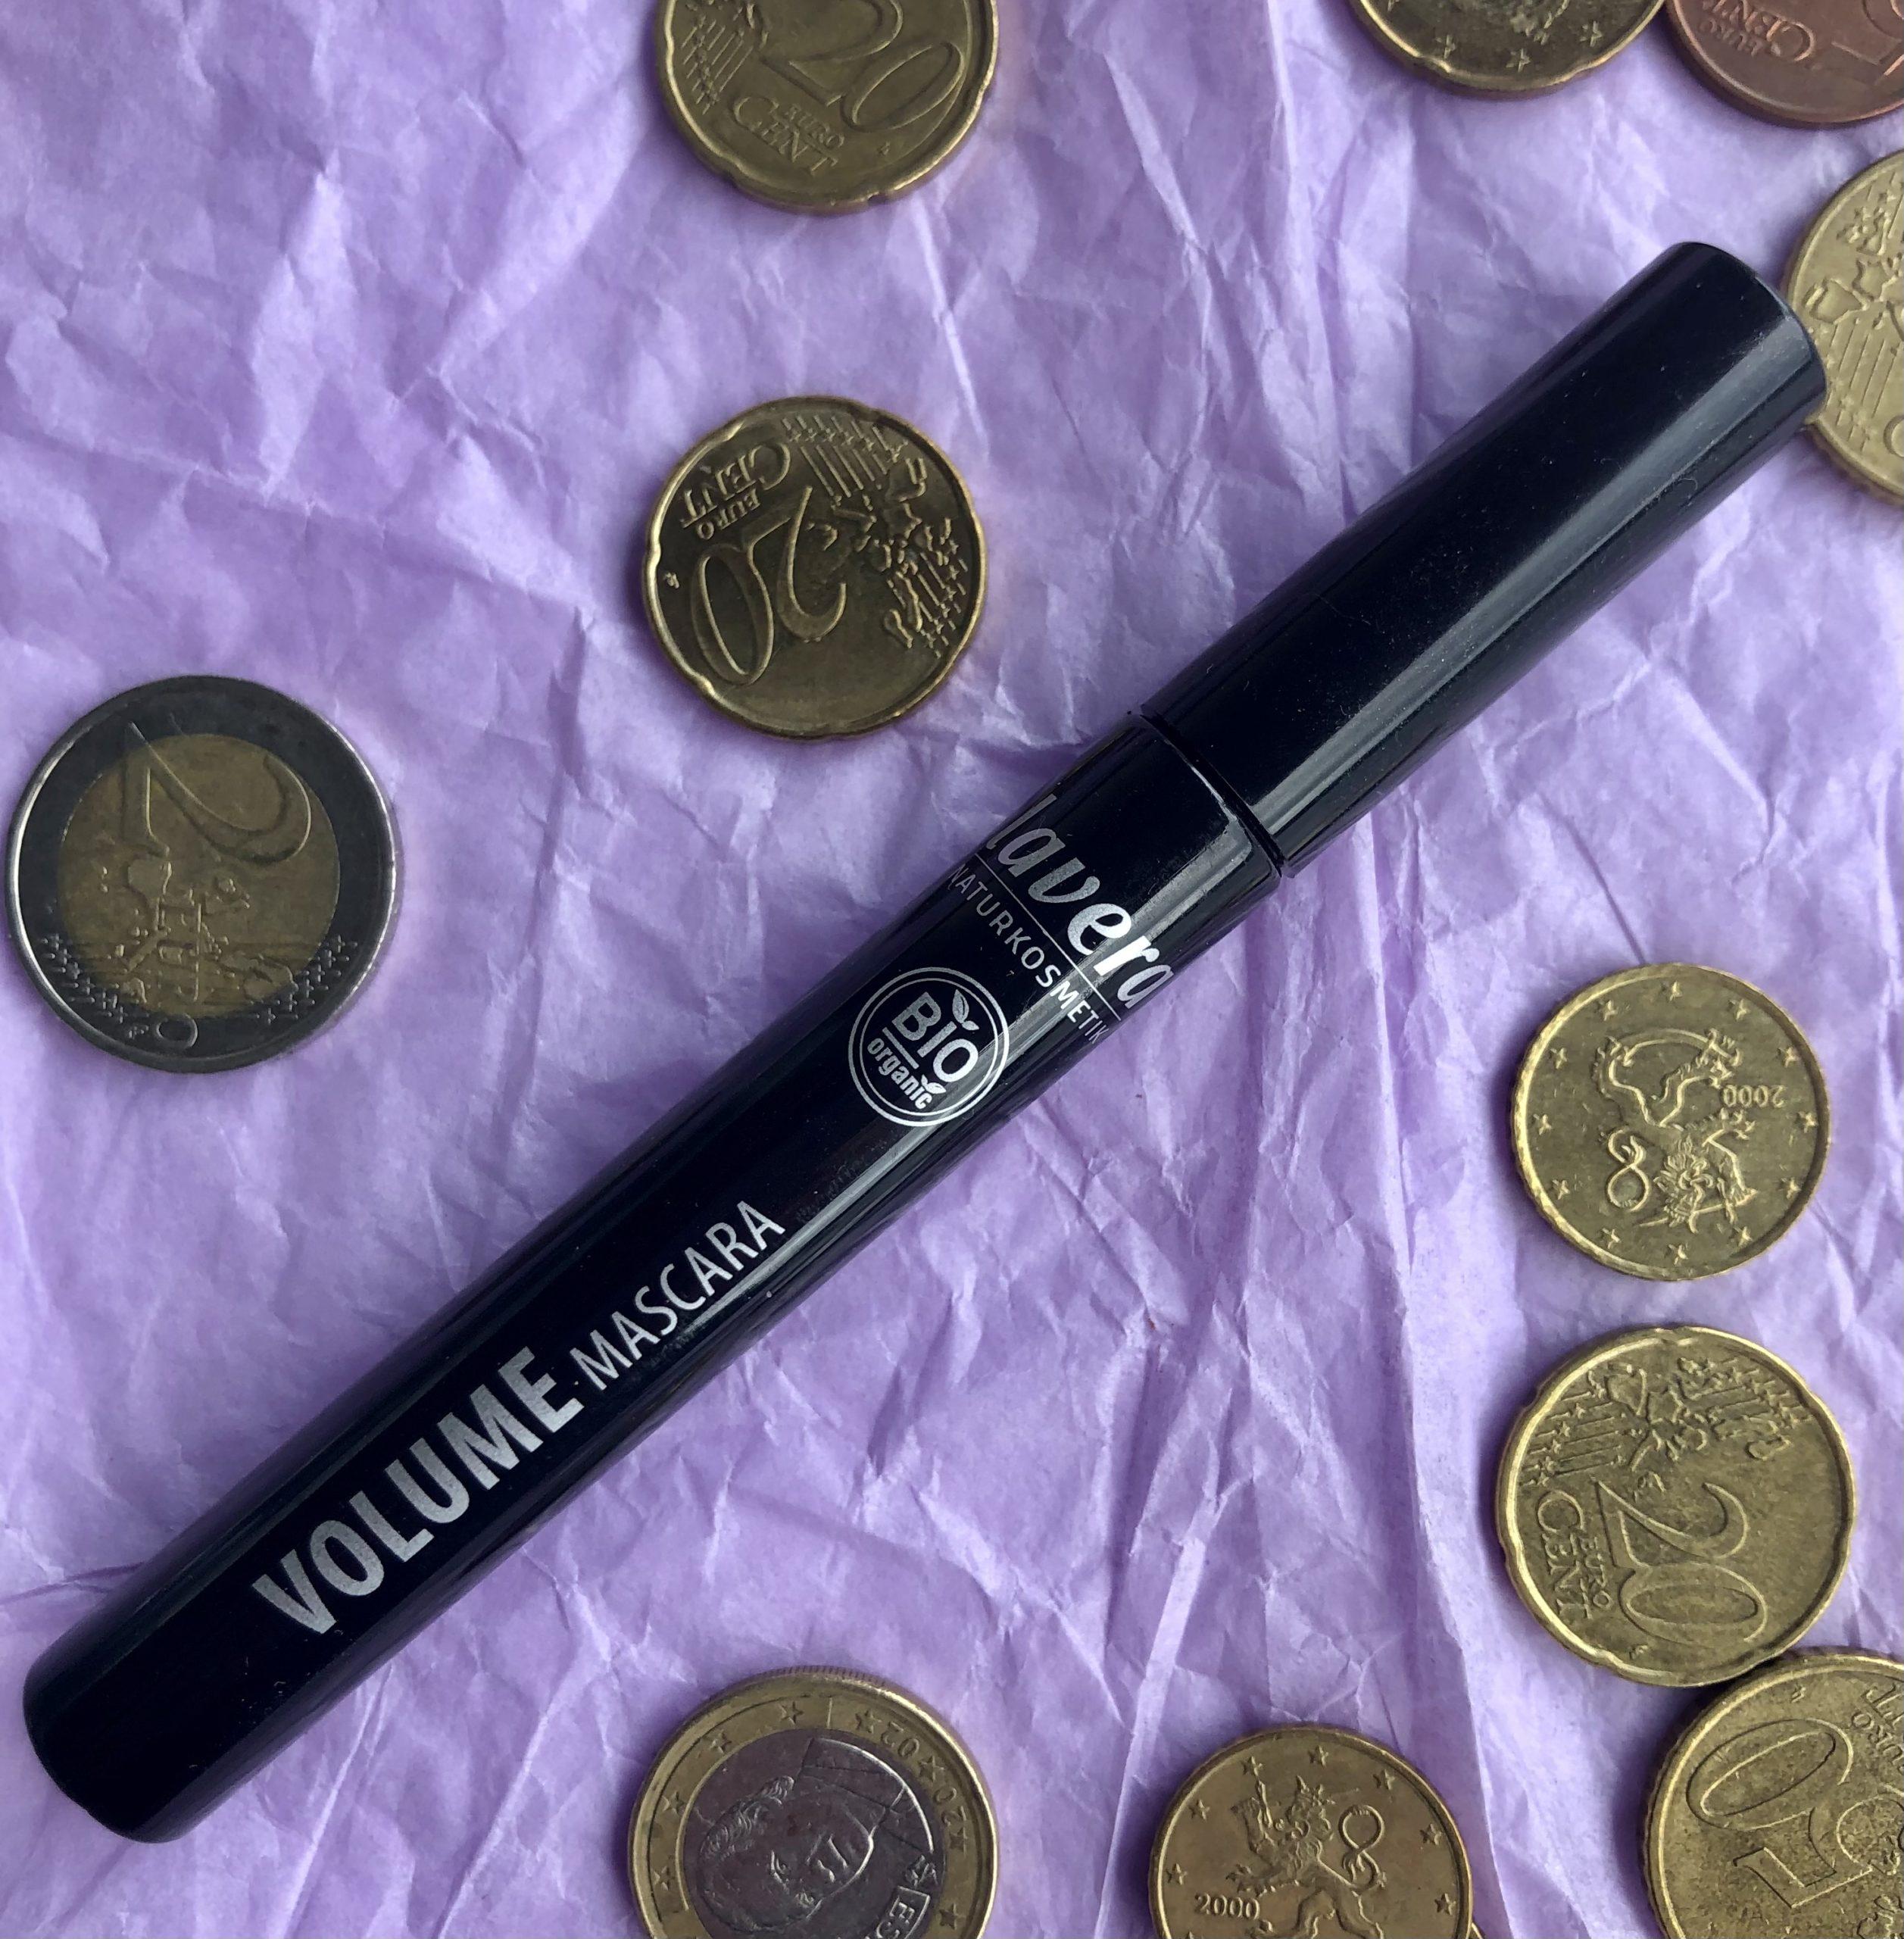 Alle 10 euroa maksavat meikit ripsari